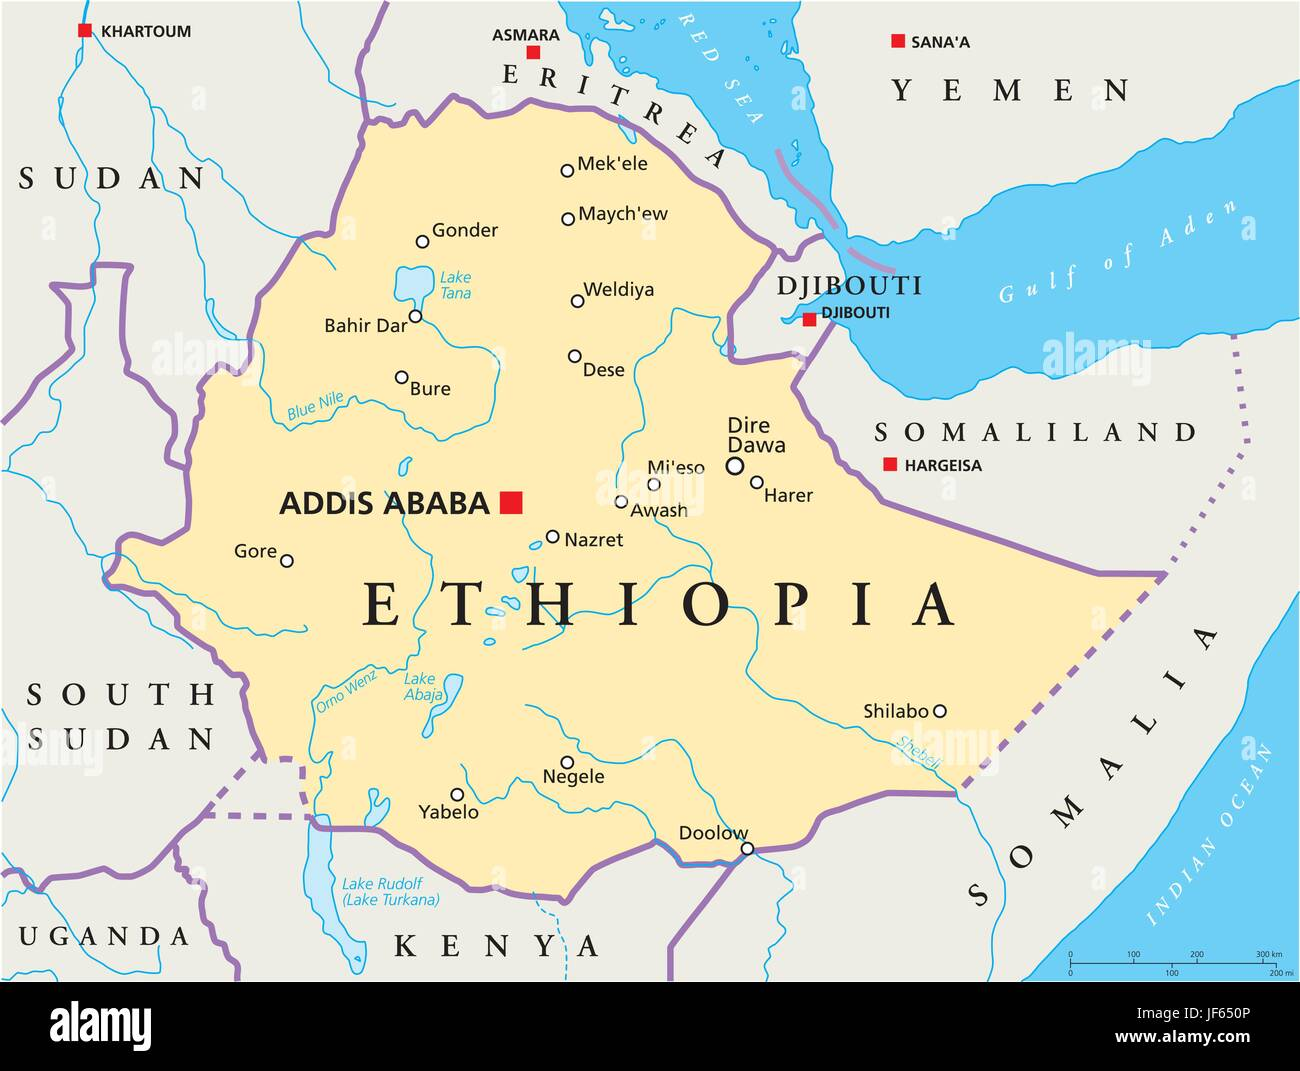 Carte De Lafrique Et Moyen Orient.Afrique Moyen Orient Carte Atlas Carte Du Monde Voyage Afrique